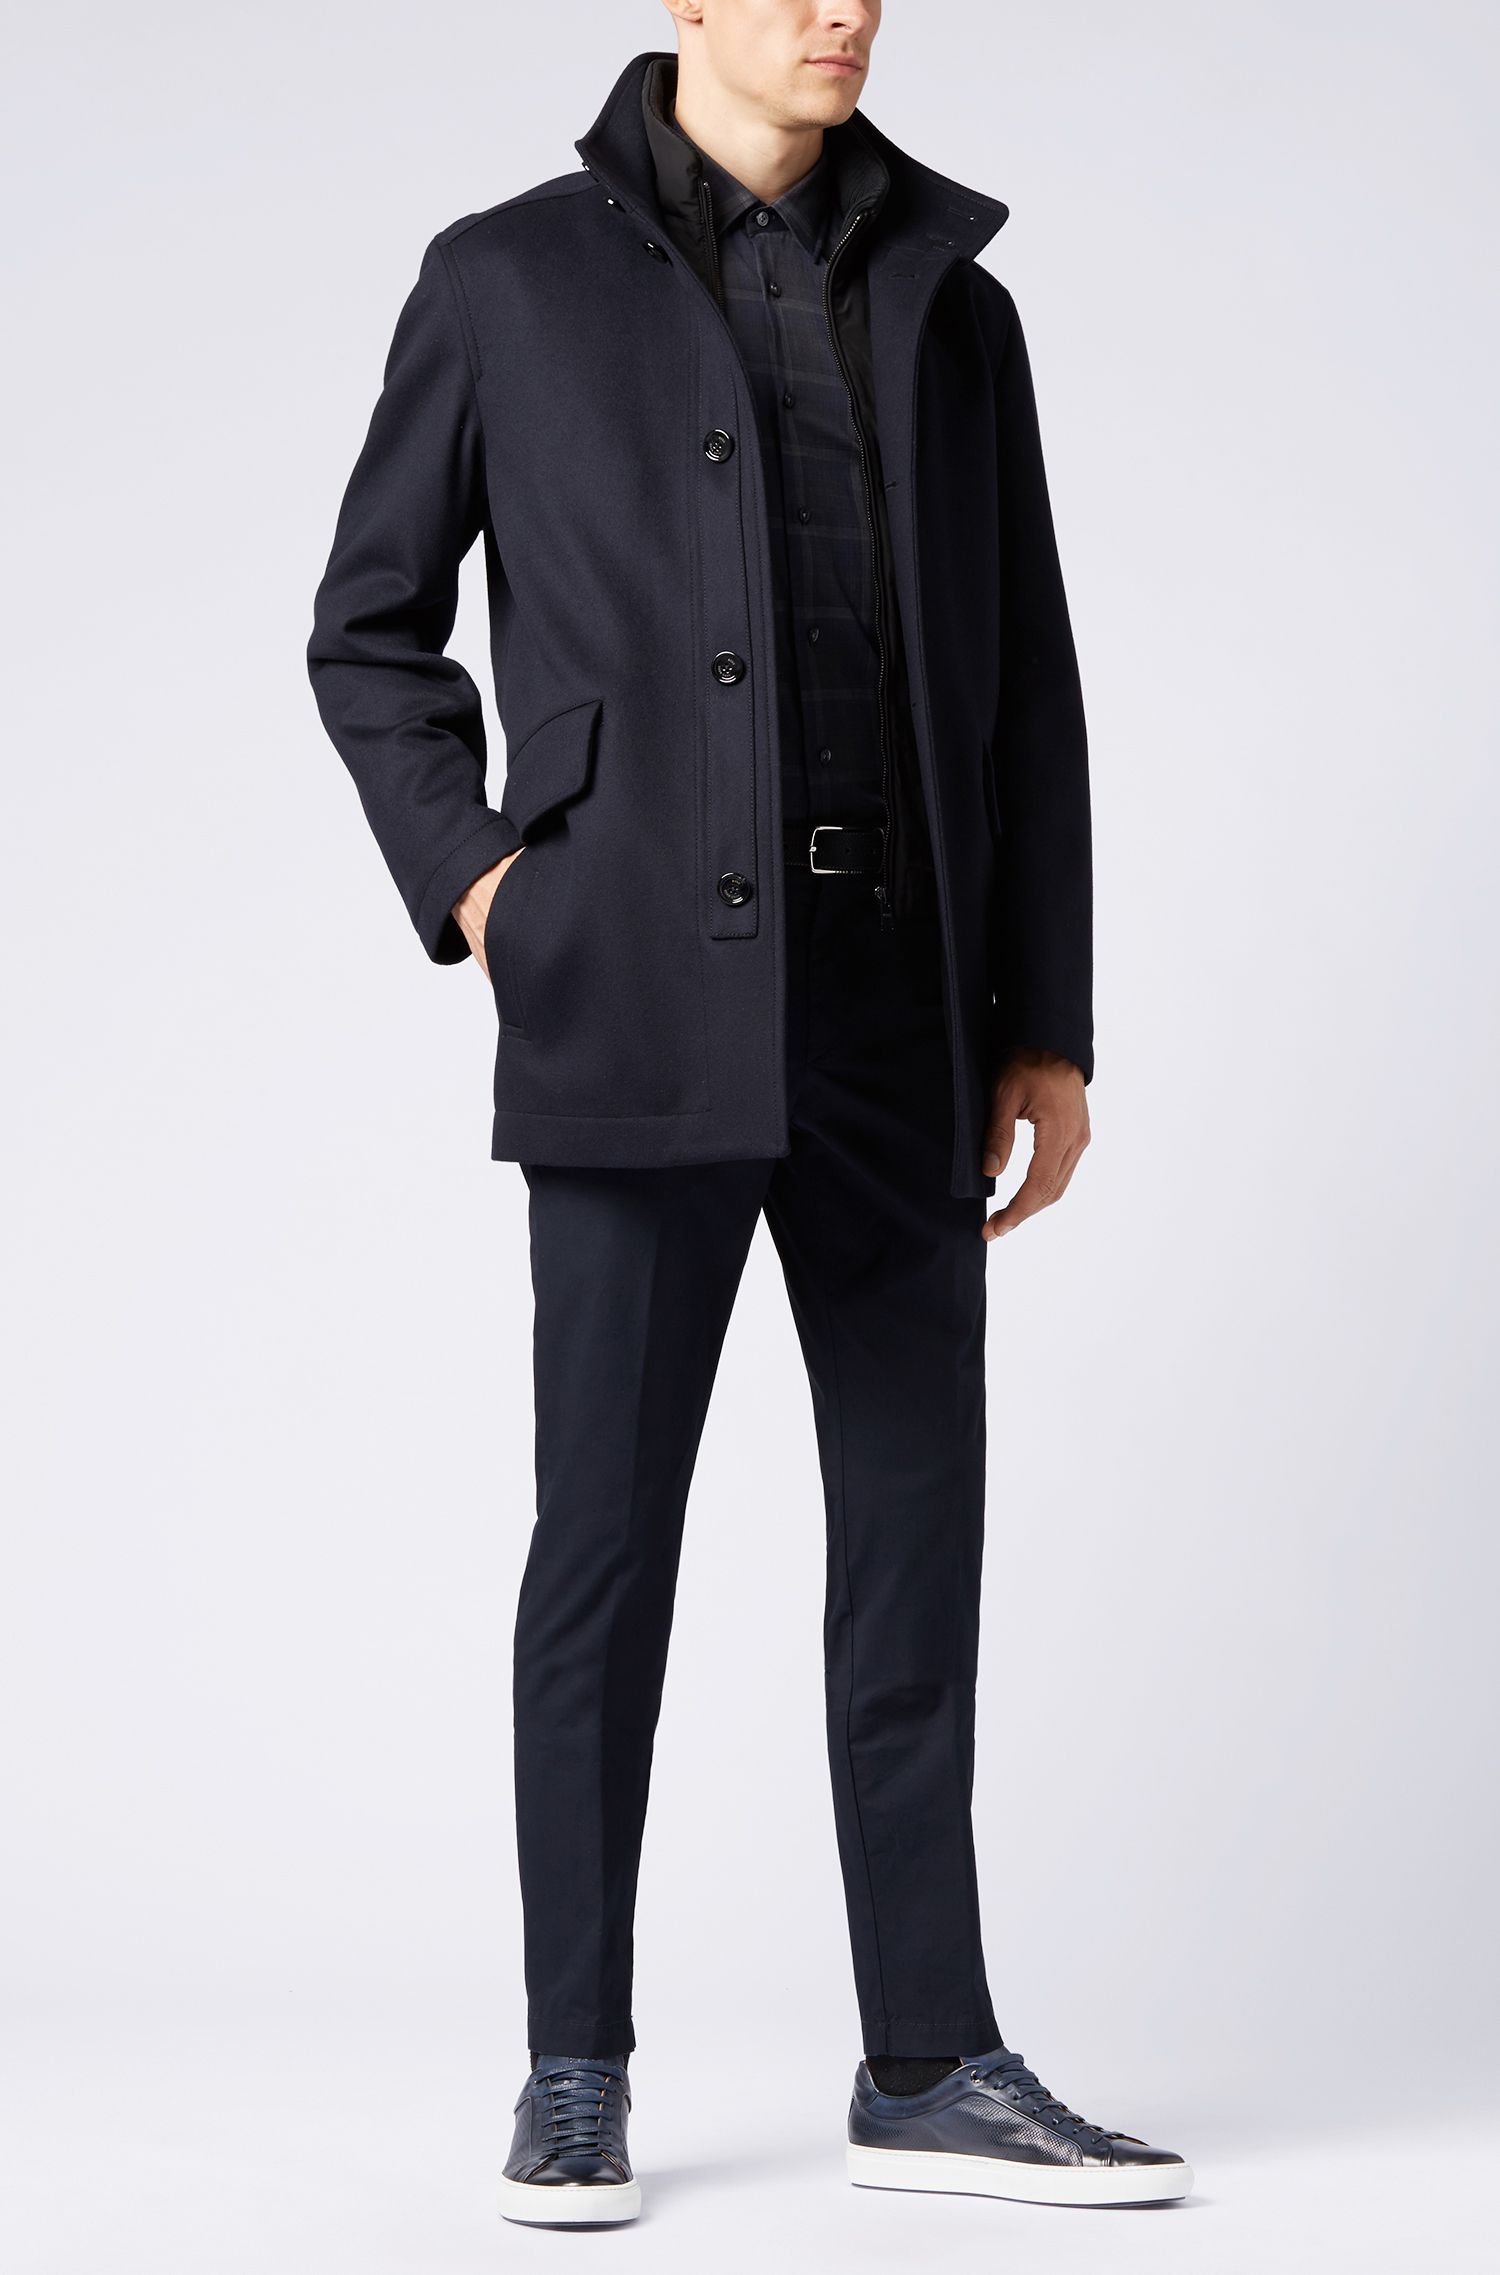 Manteau Relaxed Fit de style carcoat, en laine vierge et cachemire, Bleu foncé